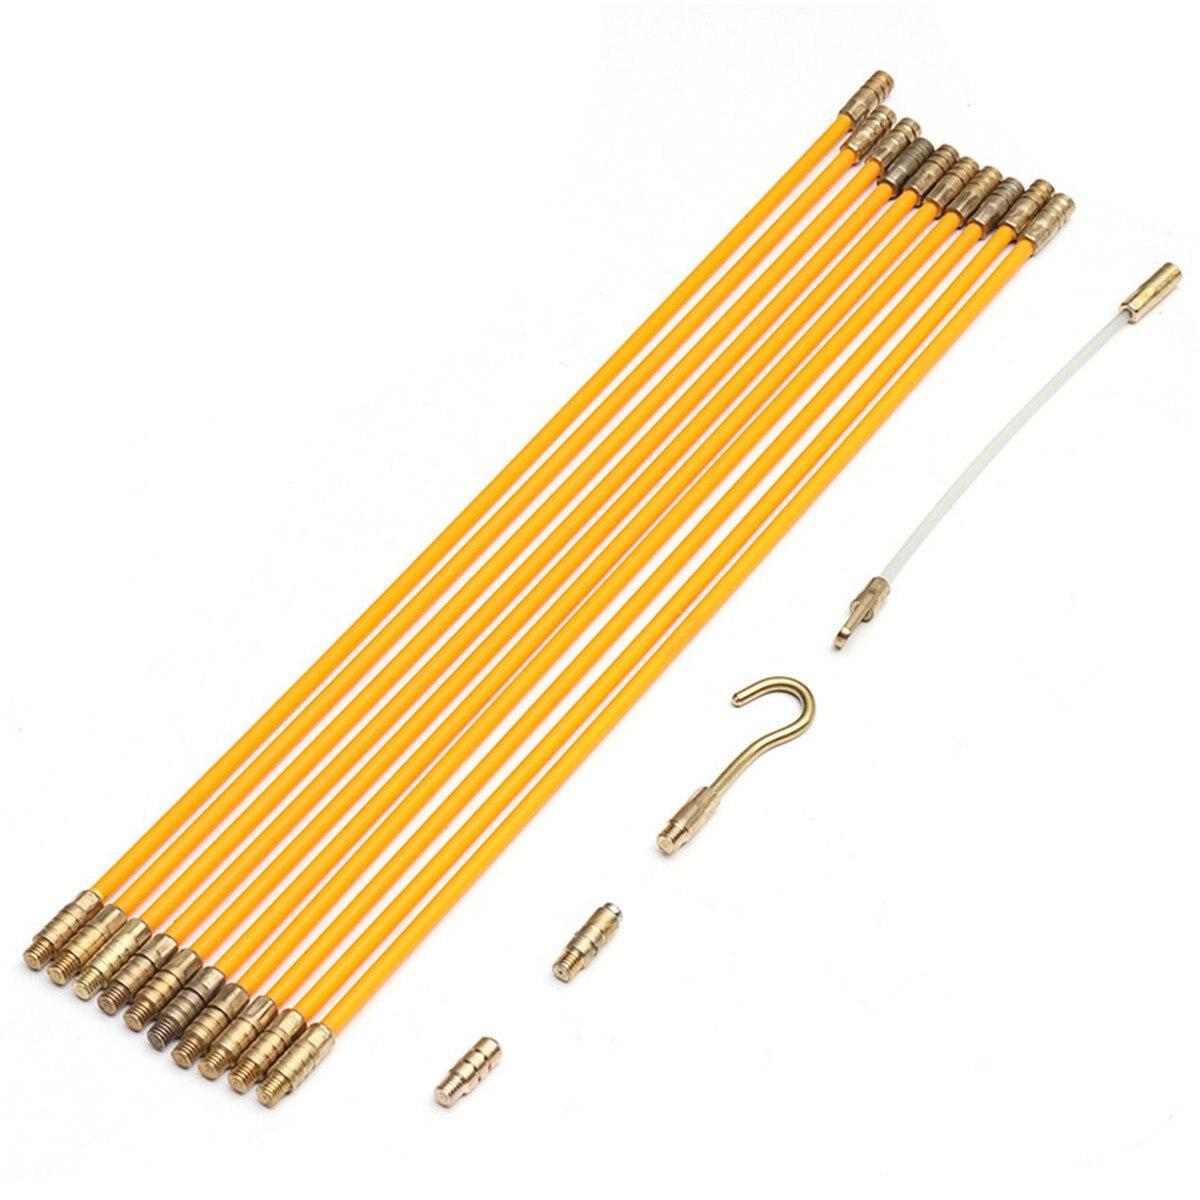 10 шт./компл. 3 мм x 1 м кабель из стекловолокна заказ прямо к этому поставщику бег кабель провод комплект настенный Электрический кабель для ус...